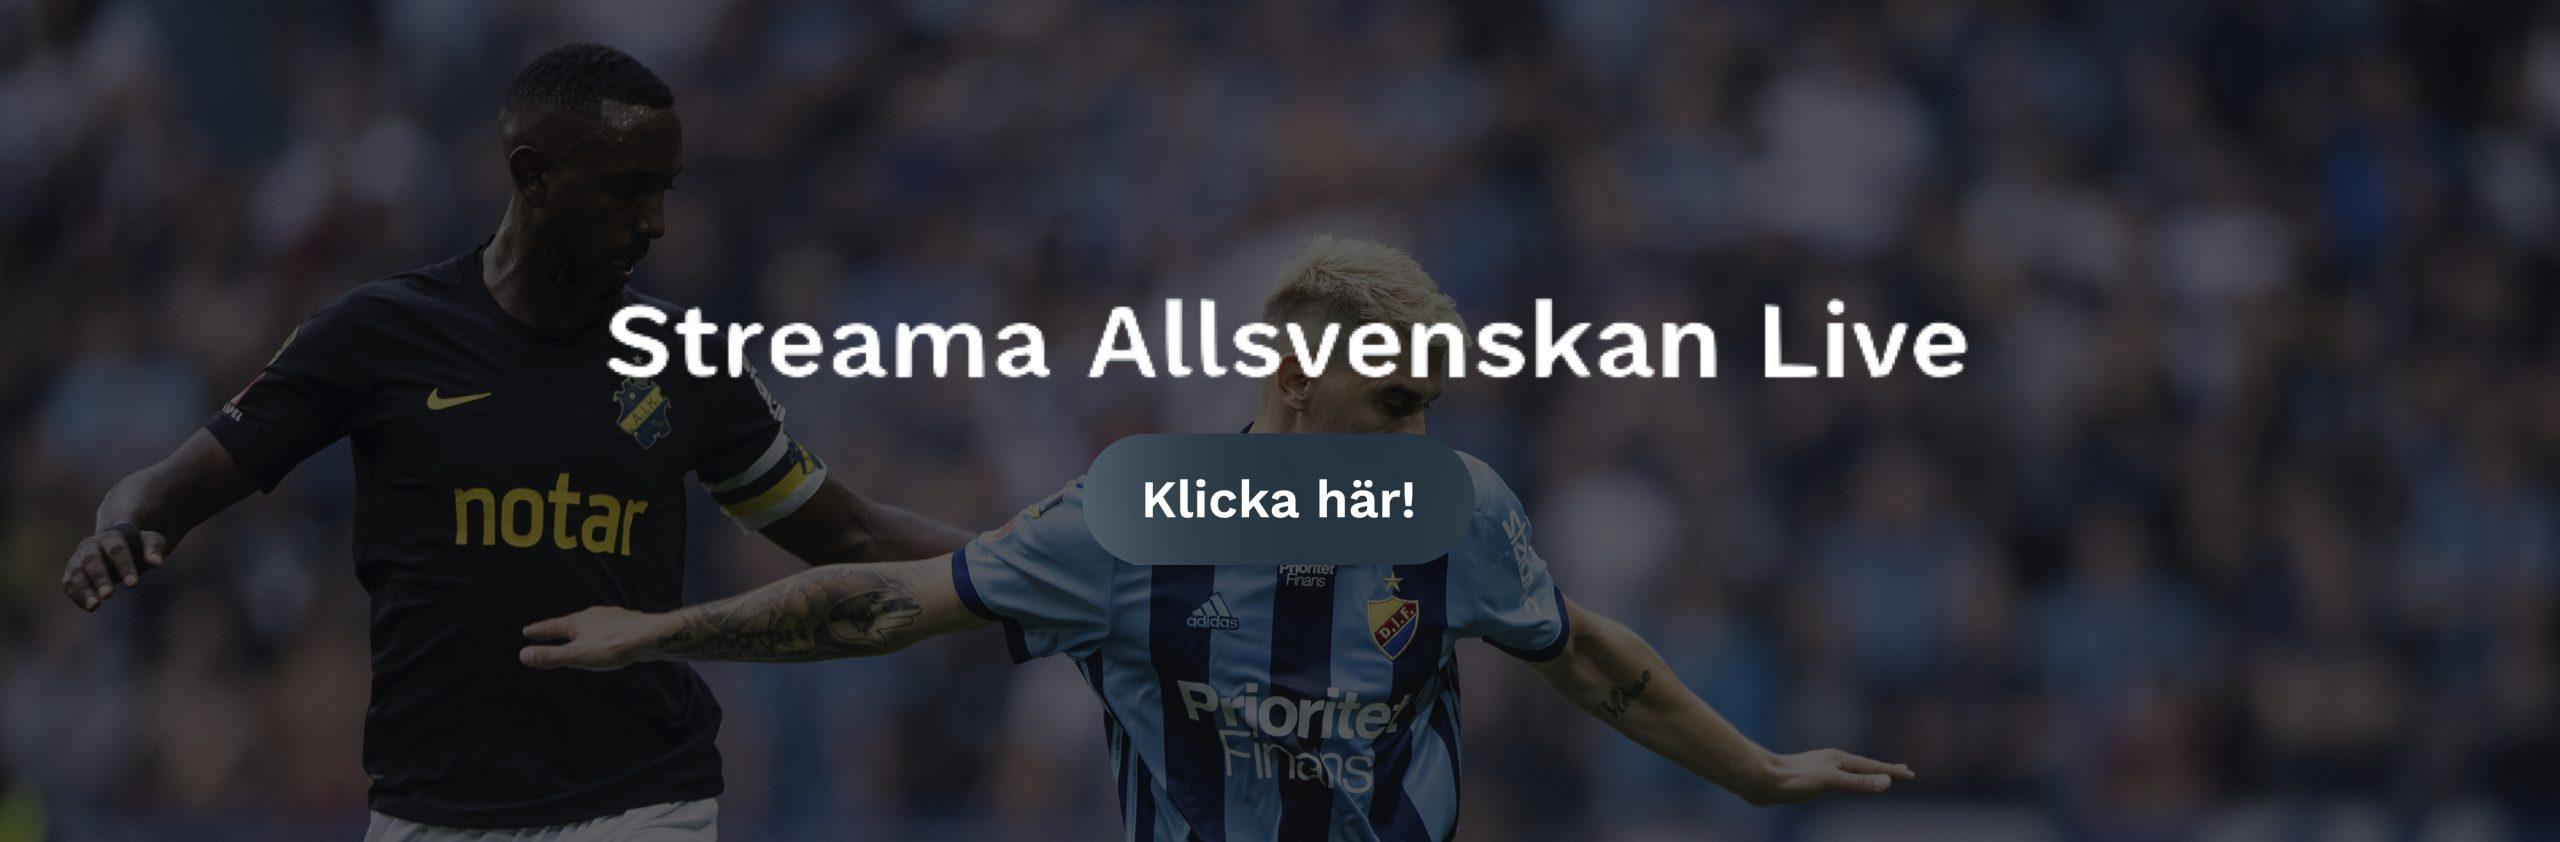 Djurgården AIK TV tider? Vilken tid spelas DIF AIK idag:ikväll?